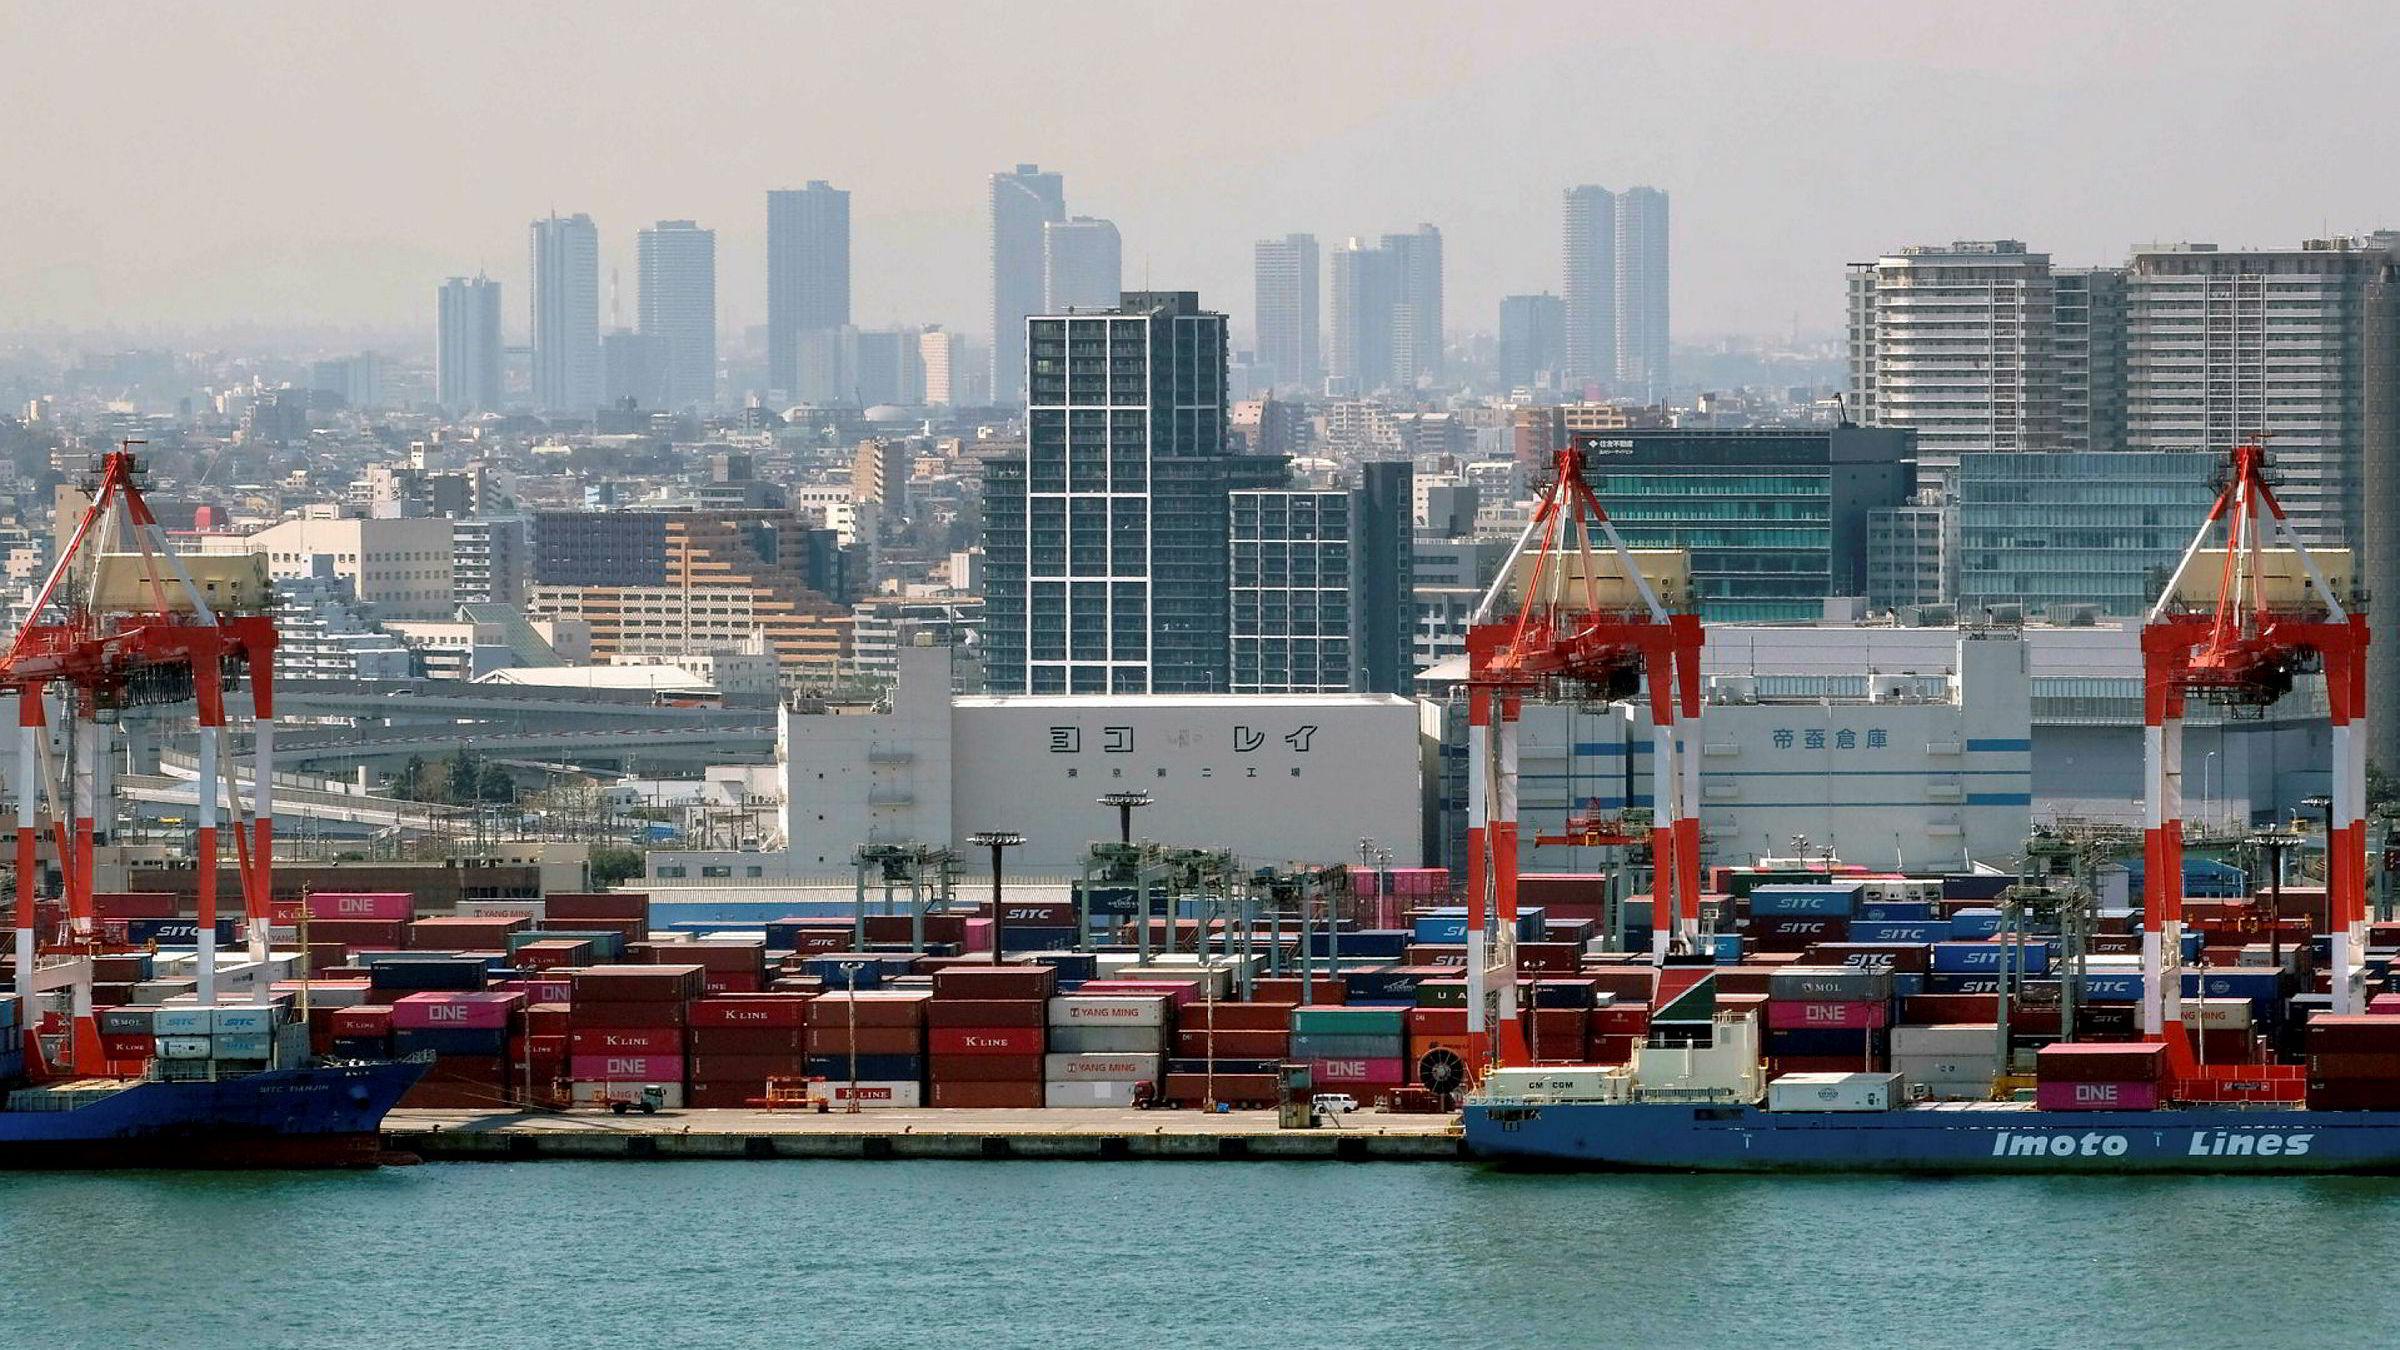 Den japanske eksporten har falt i 17 måneder. Koronapandemien og nedstengning av land over hele verden har forsterket dette. Her fra Tokyo-havnen.